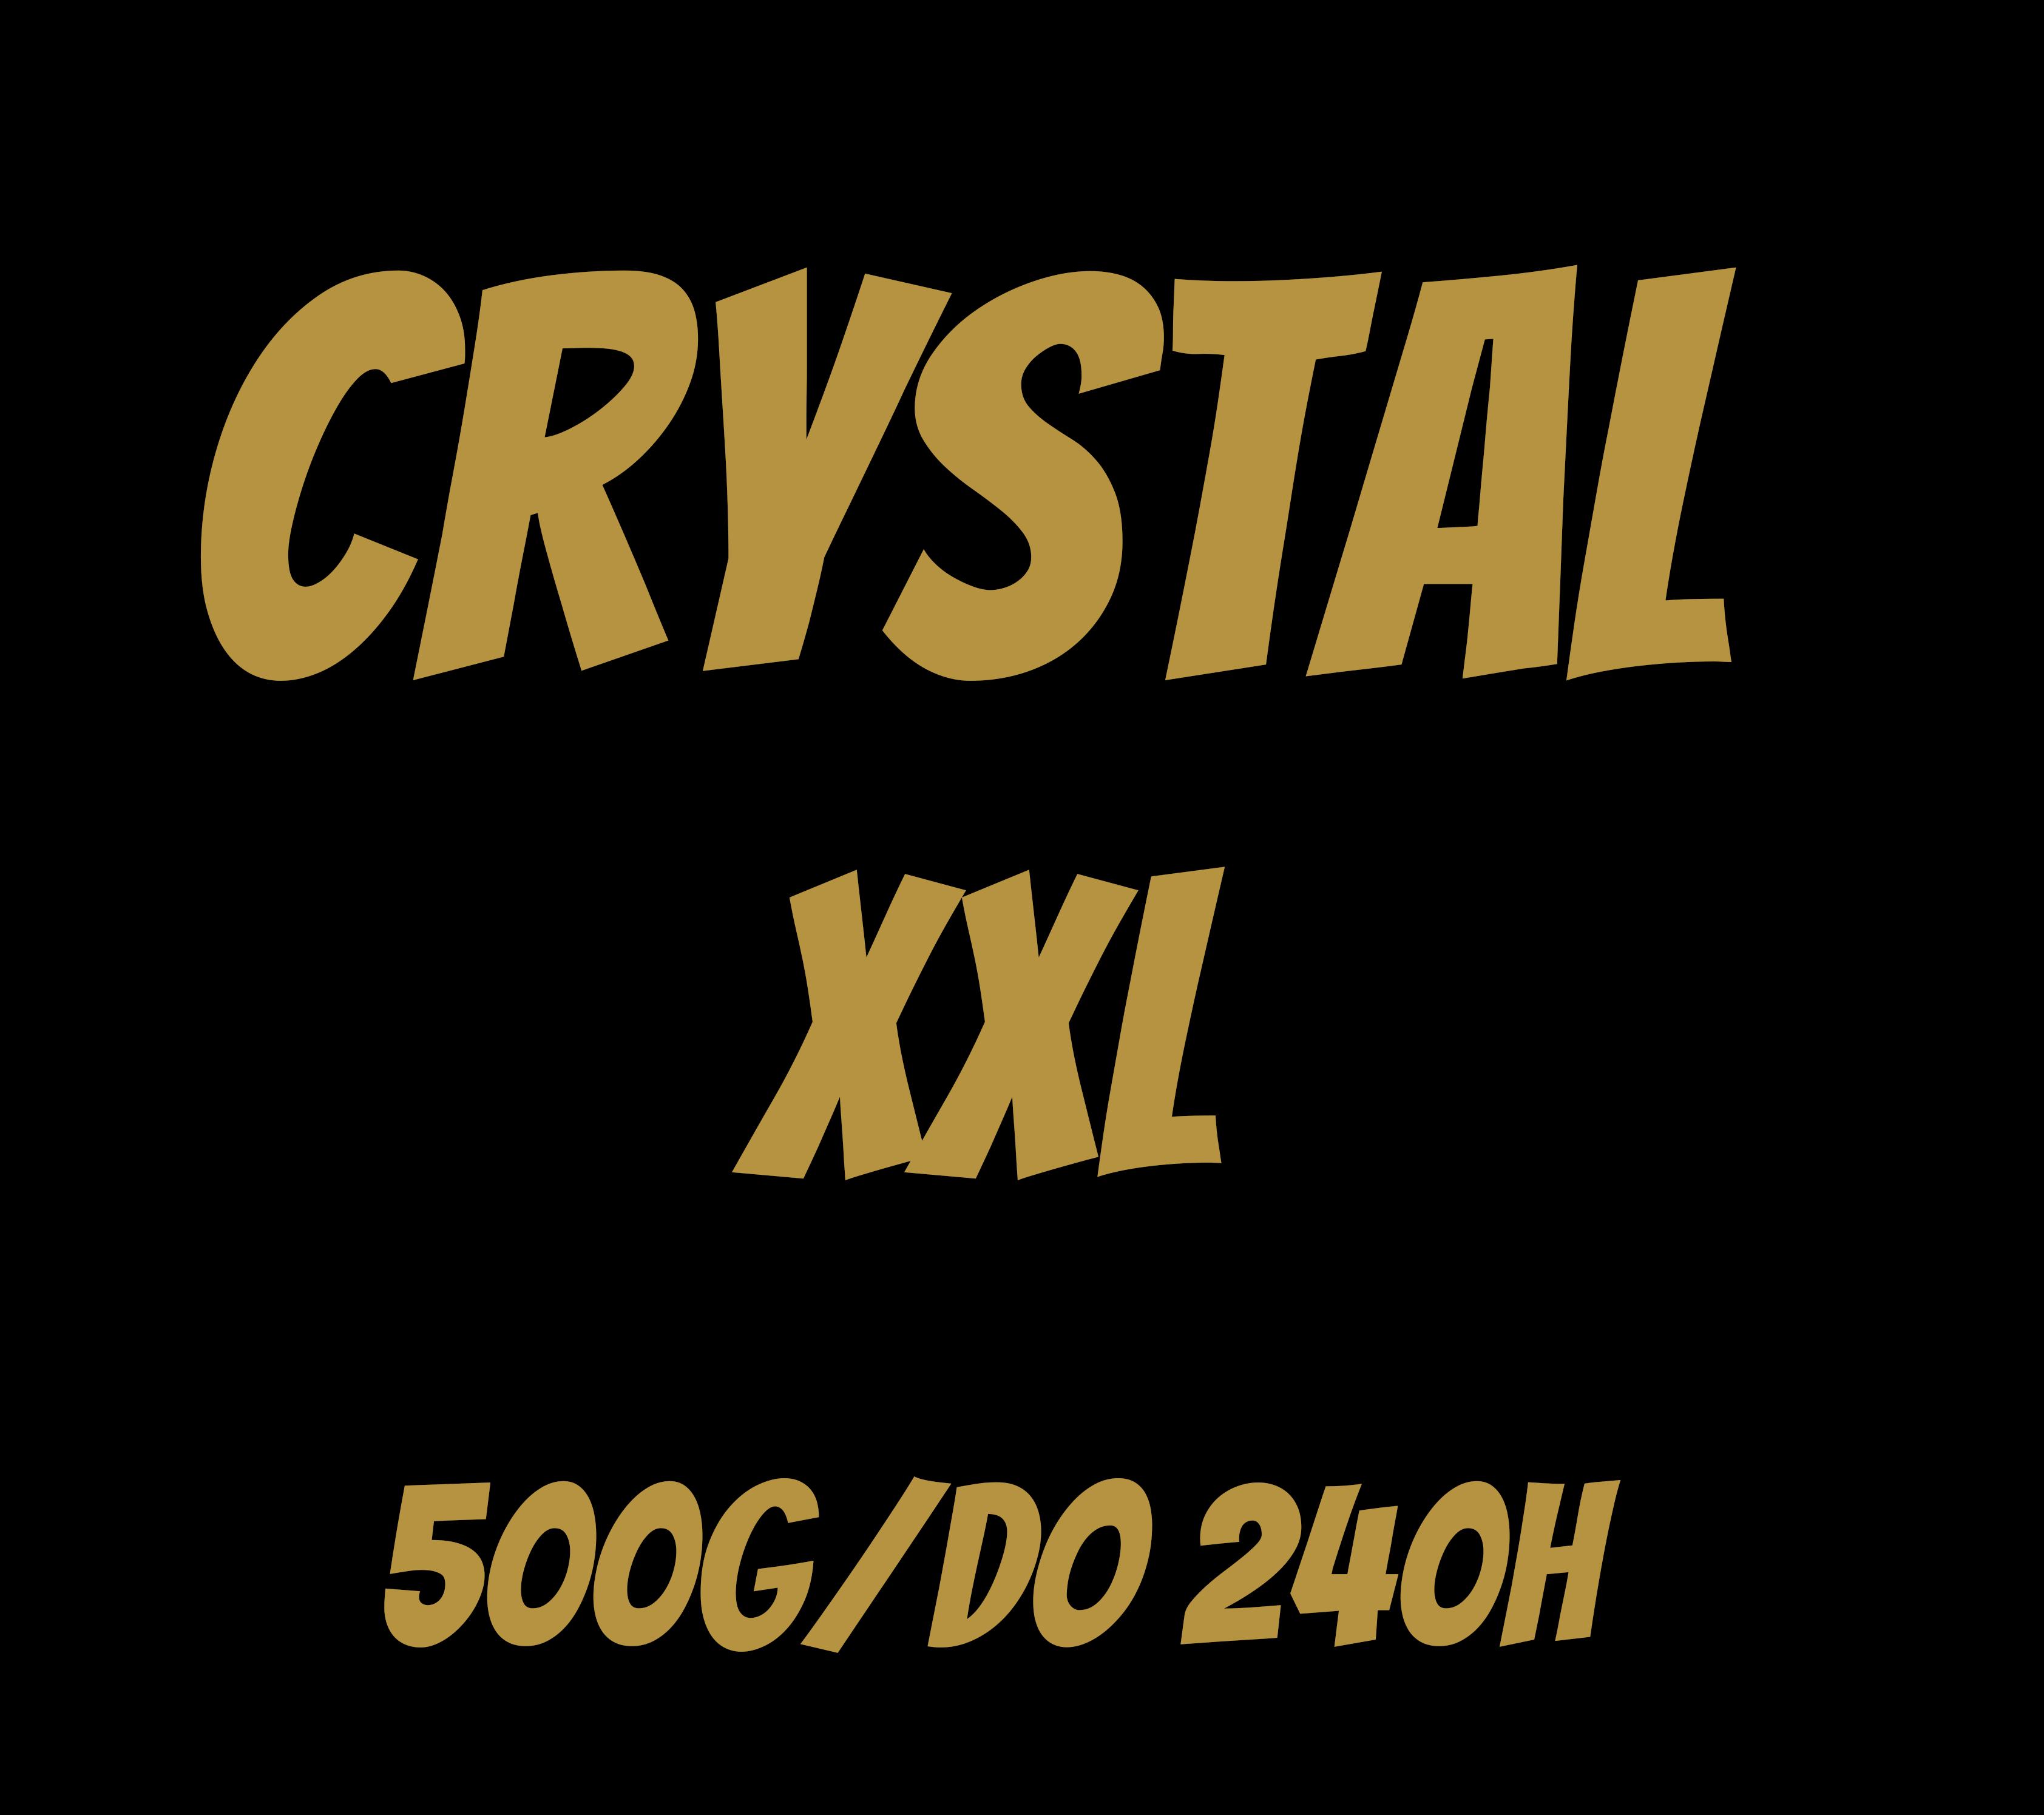 Świece rzepakowe - Crystal XXL